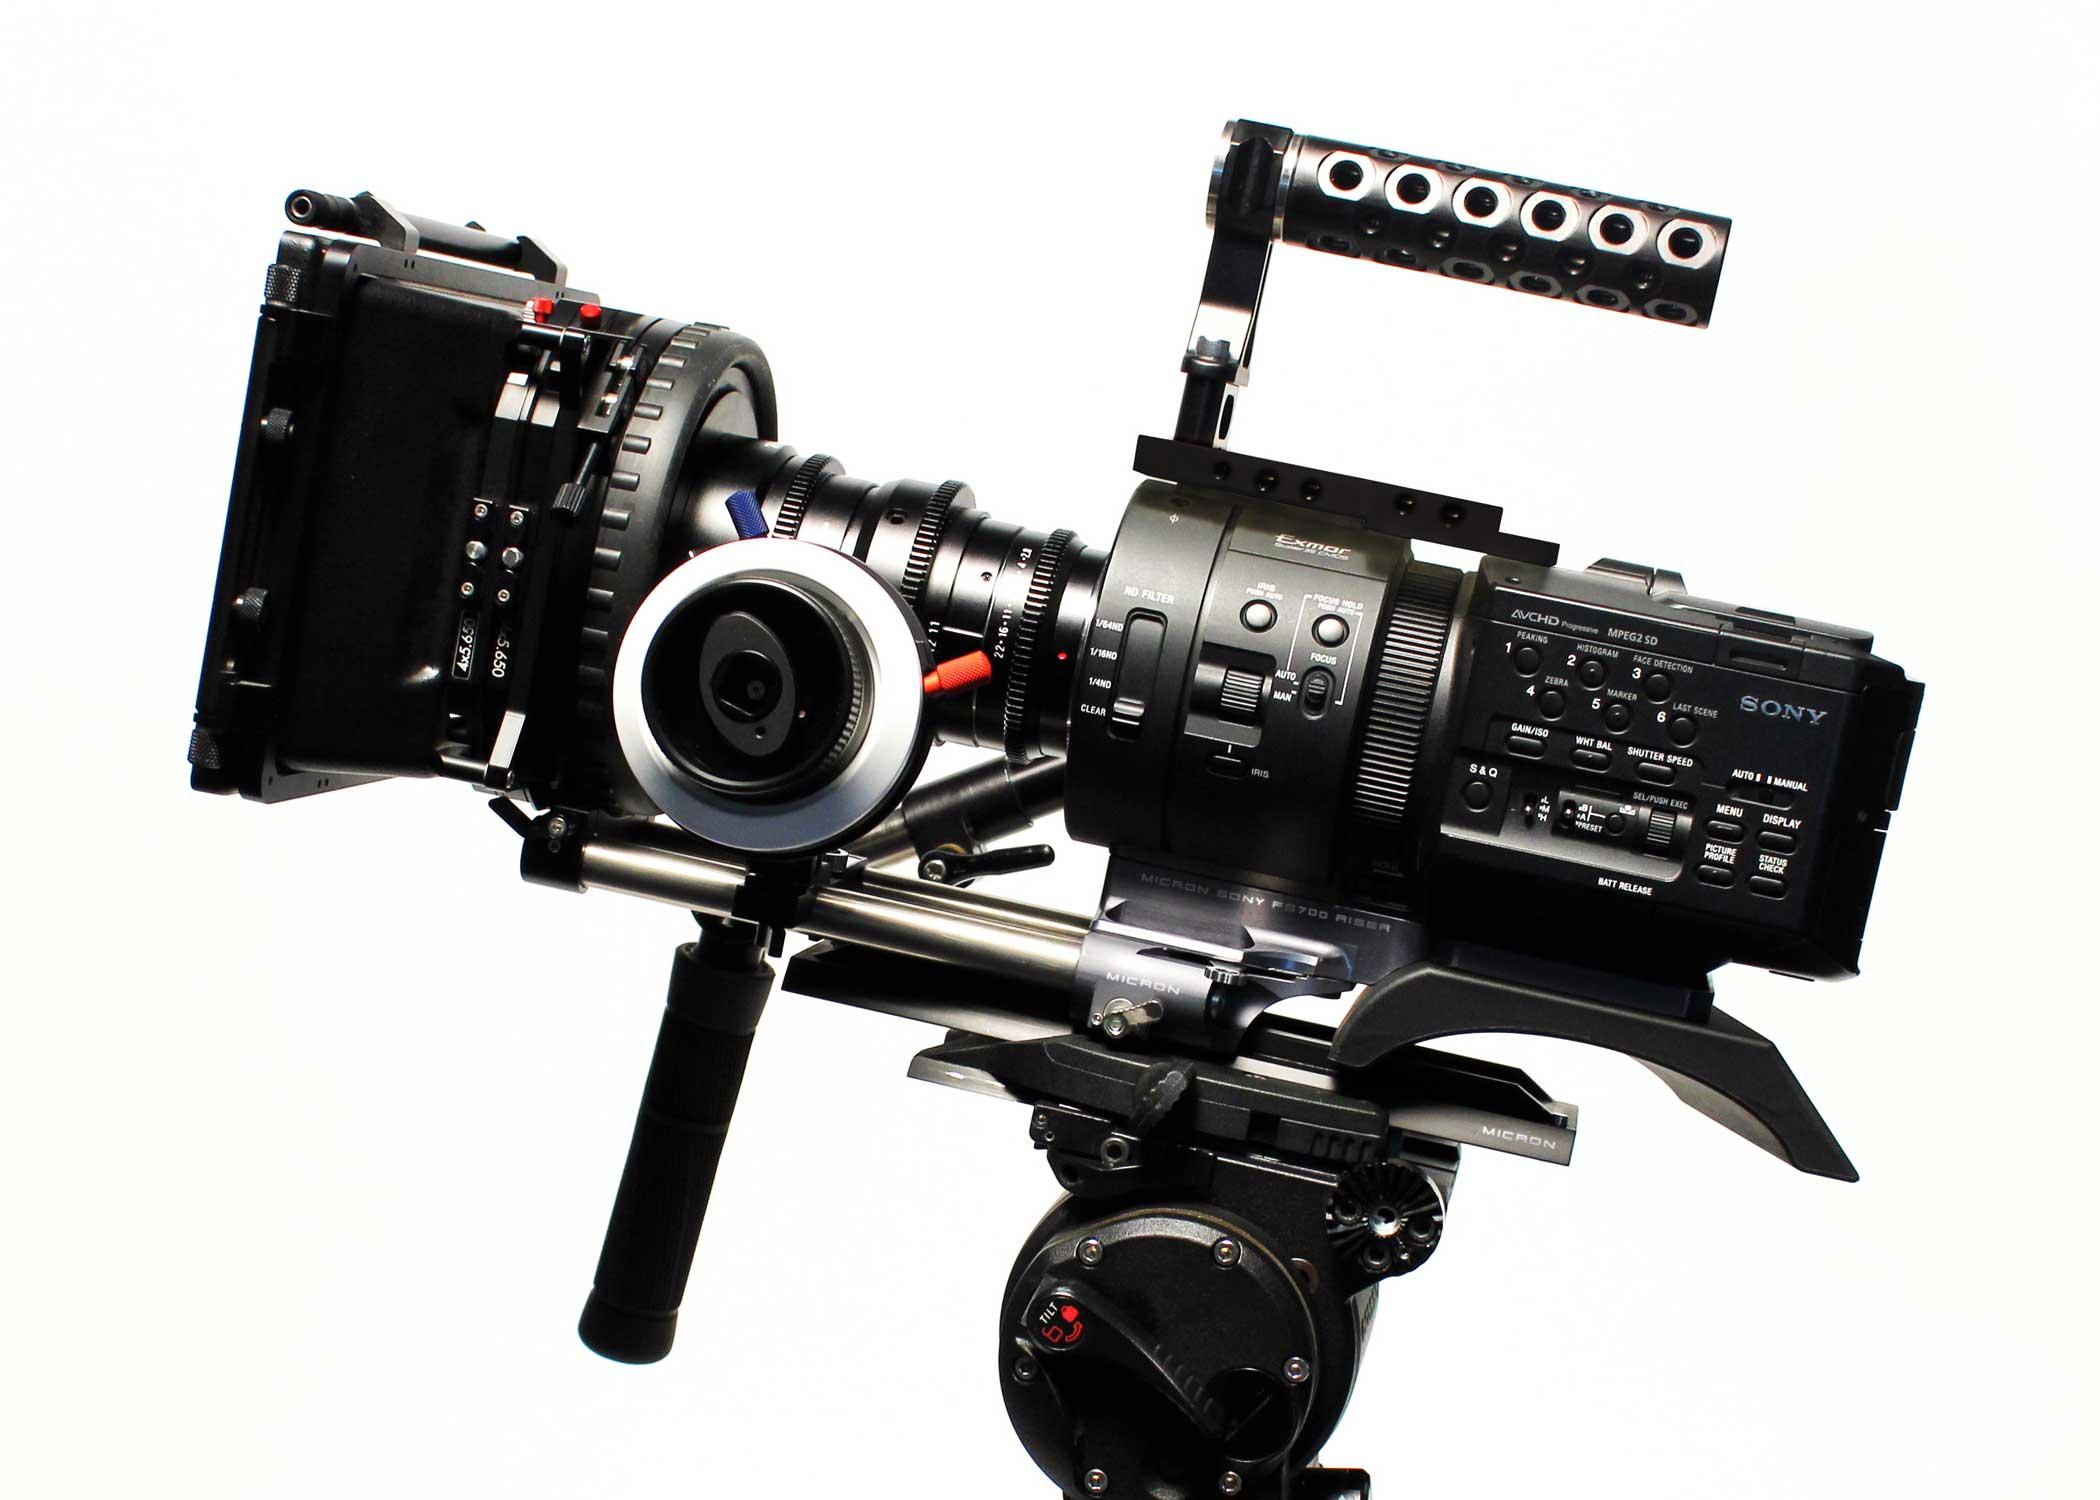 Formation audiovisuel, une opportunité s'est offerte à moi